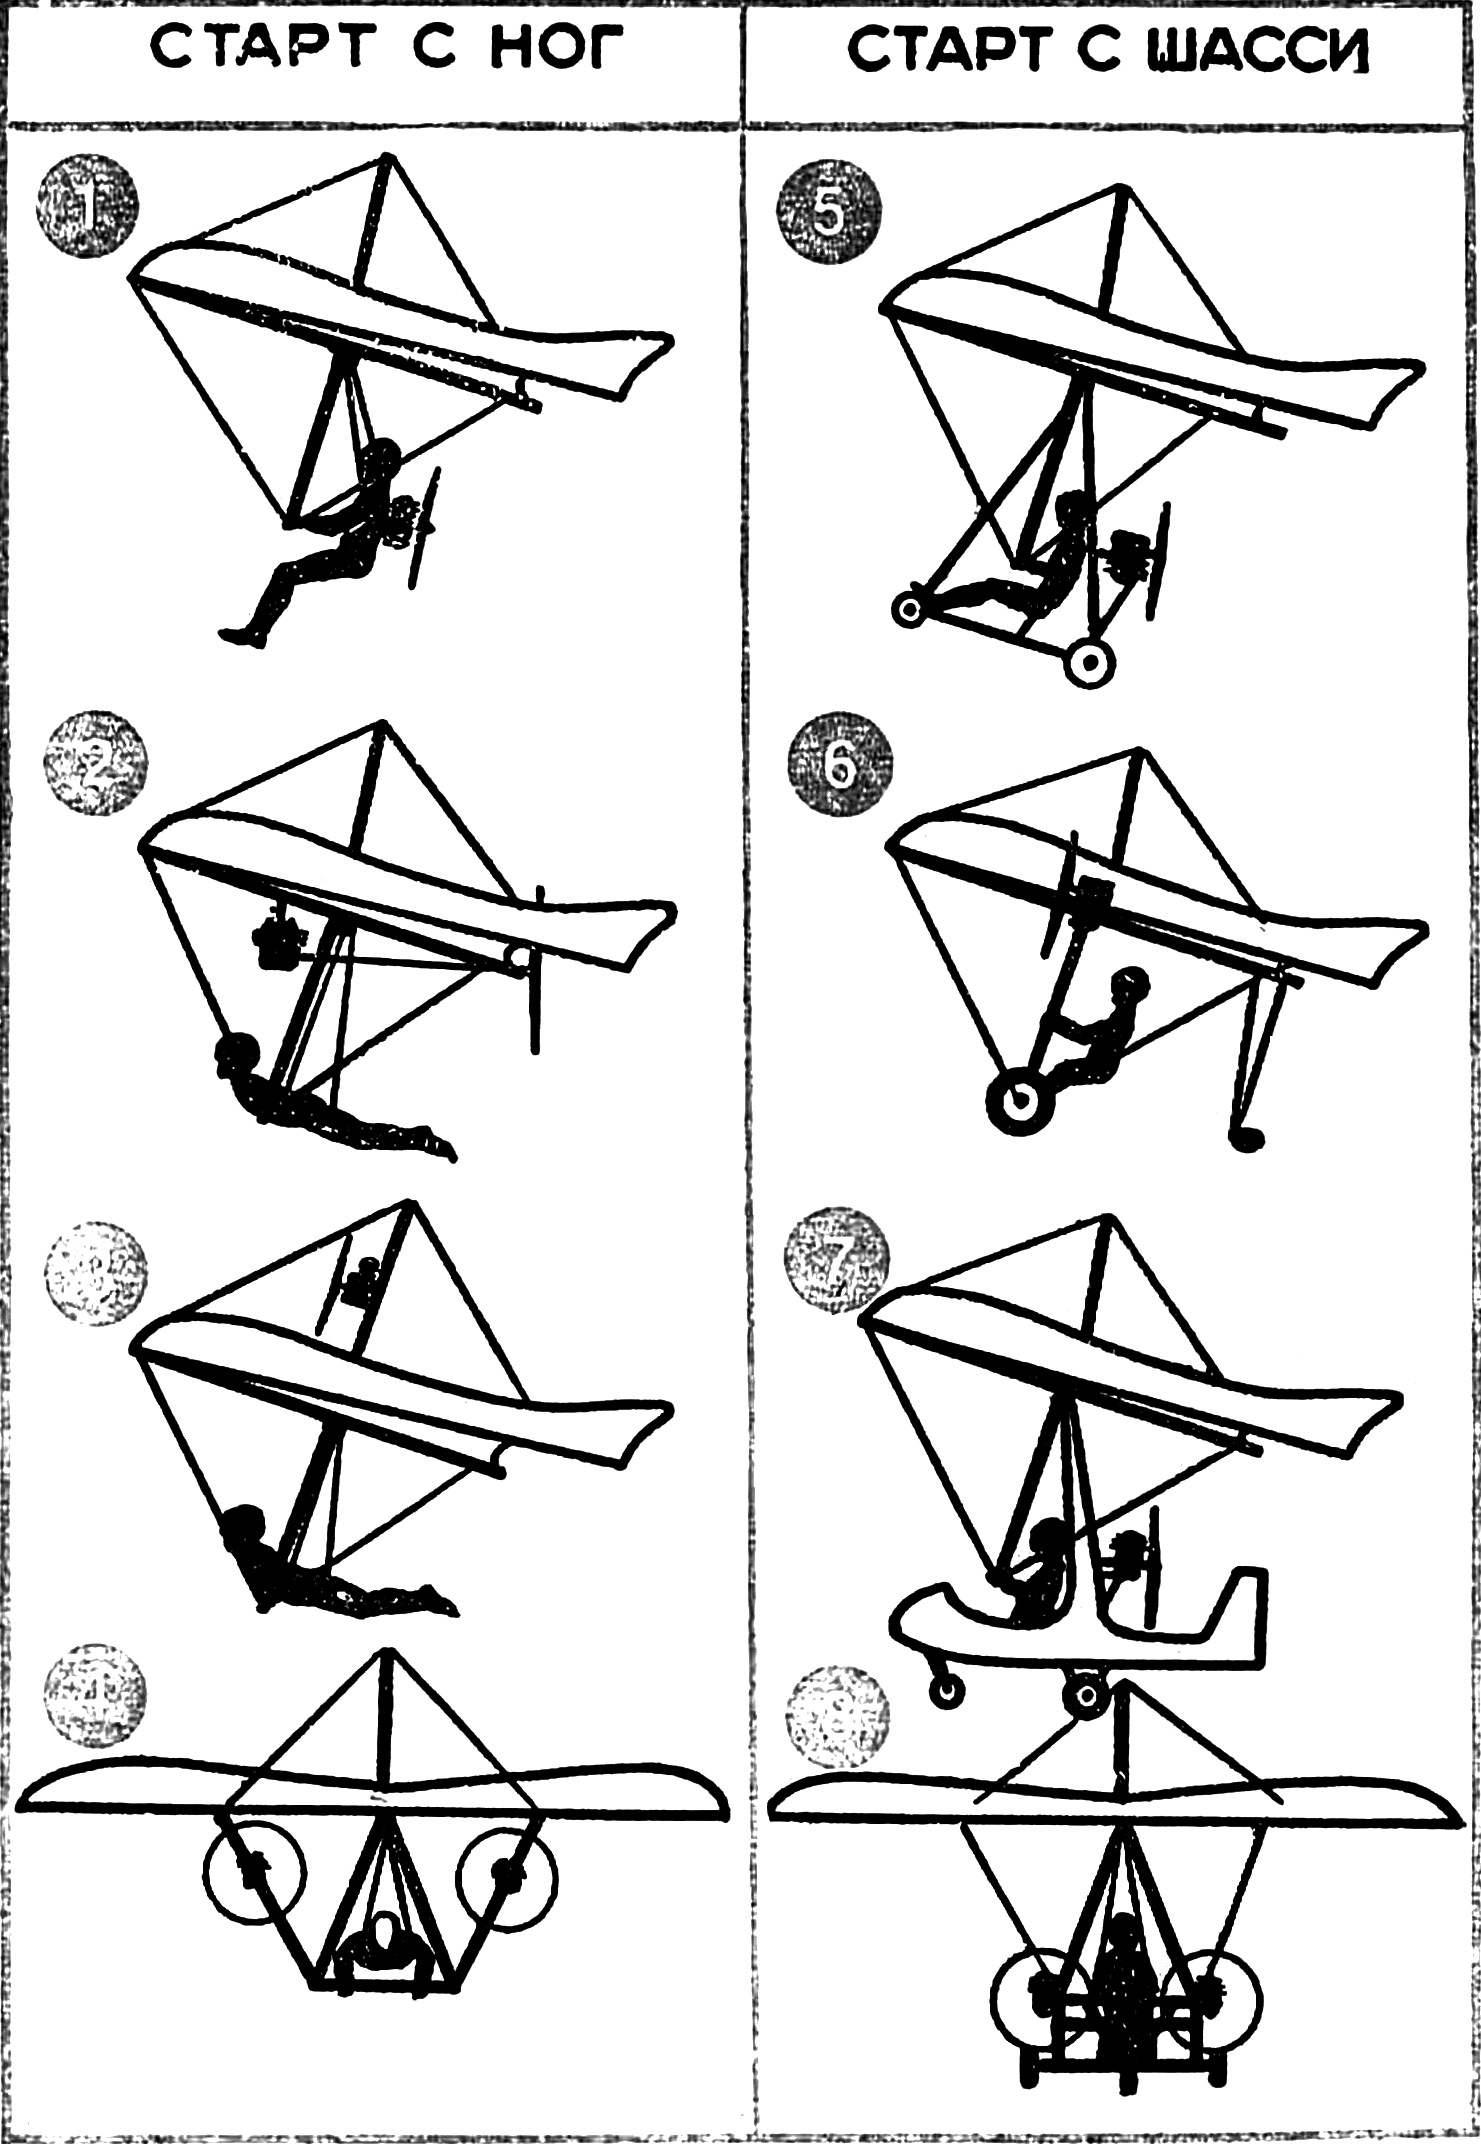 Рис. 1. Компоновочные схемы мотодельтапланов.